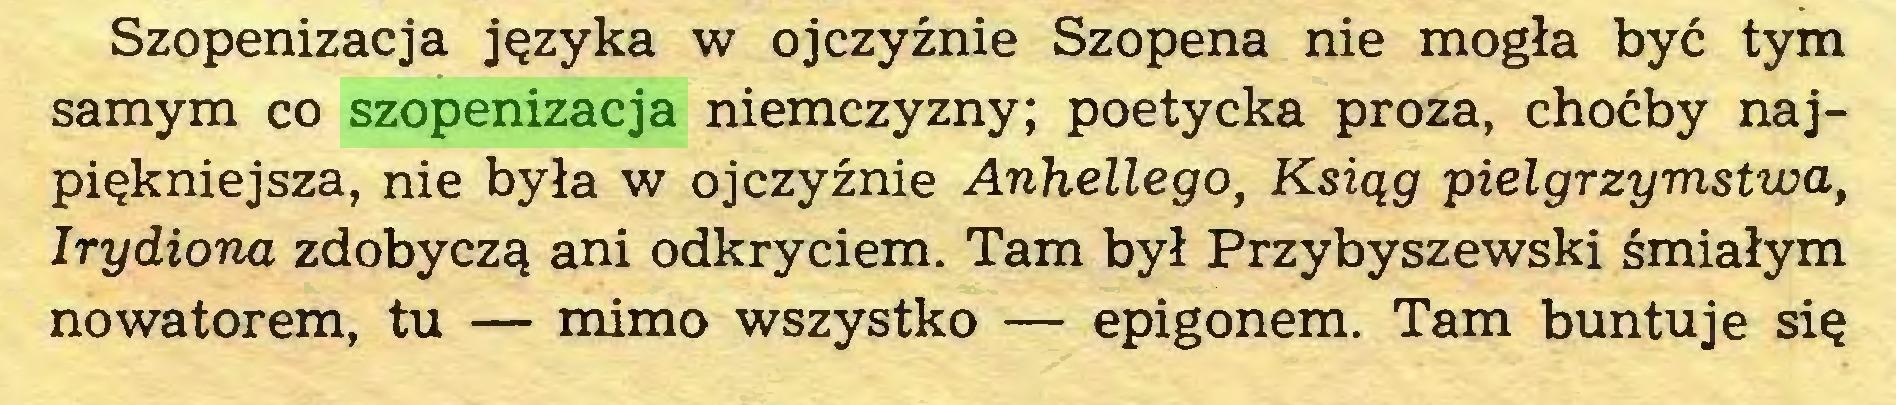 (...) Szopenizacja języka w ojczyźnie Szopena nie mogła być tym samym co szopenizacja niemczyzny; poetycka proza, choćby najpiękniejsza, nie była w ojczyźnie Anhellego, Ksiąg pielgrzymstwa, Irydiona zdobyczą ani odkryciem. Tam był Przybyszewski śmiałym nowatorem, tu — mimo wszystko — epigonem. Tam buntuje się...